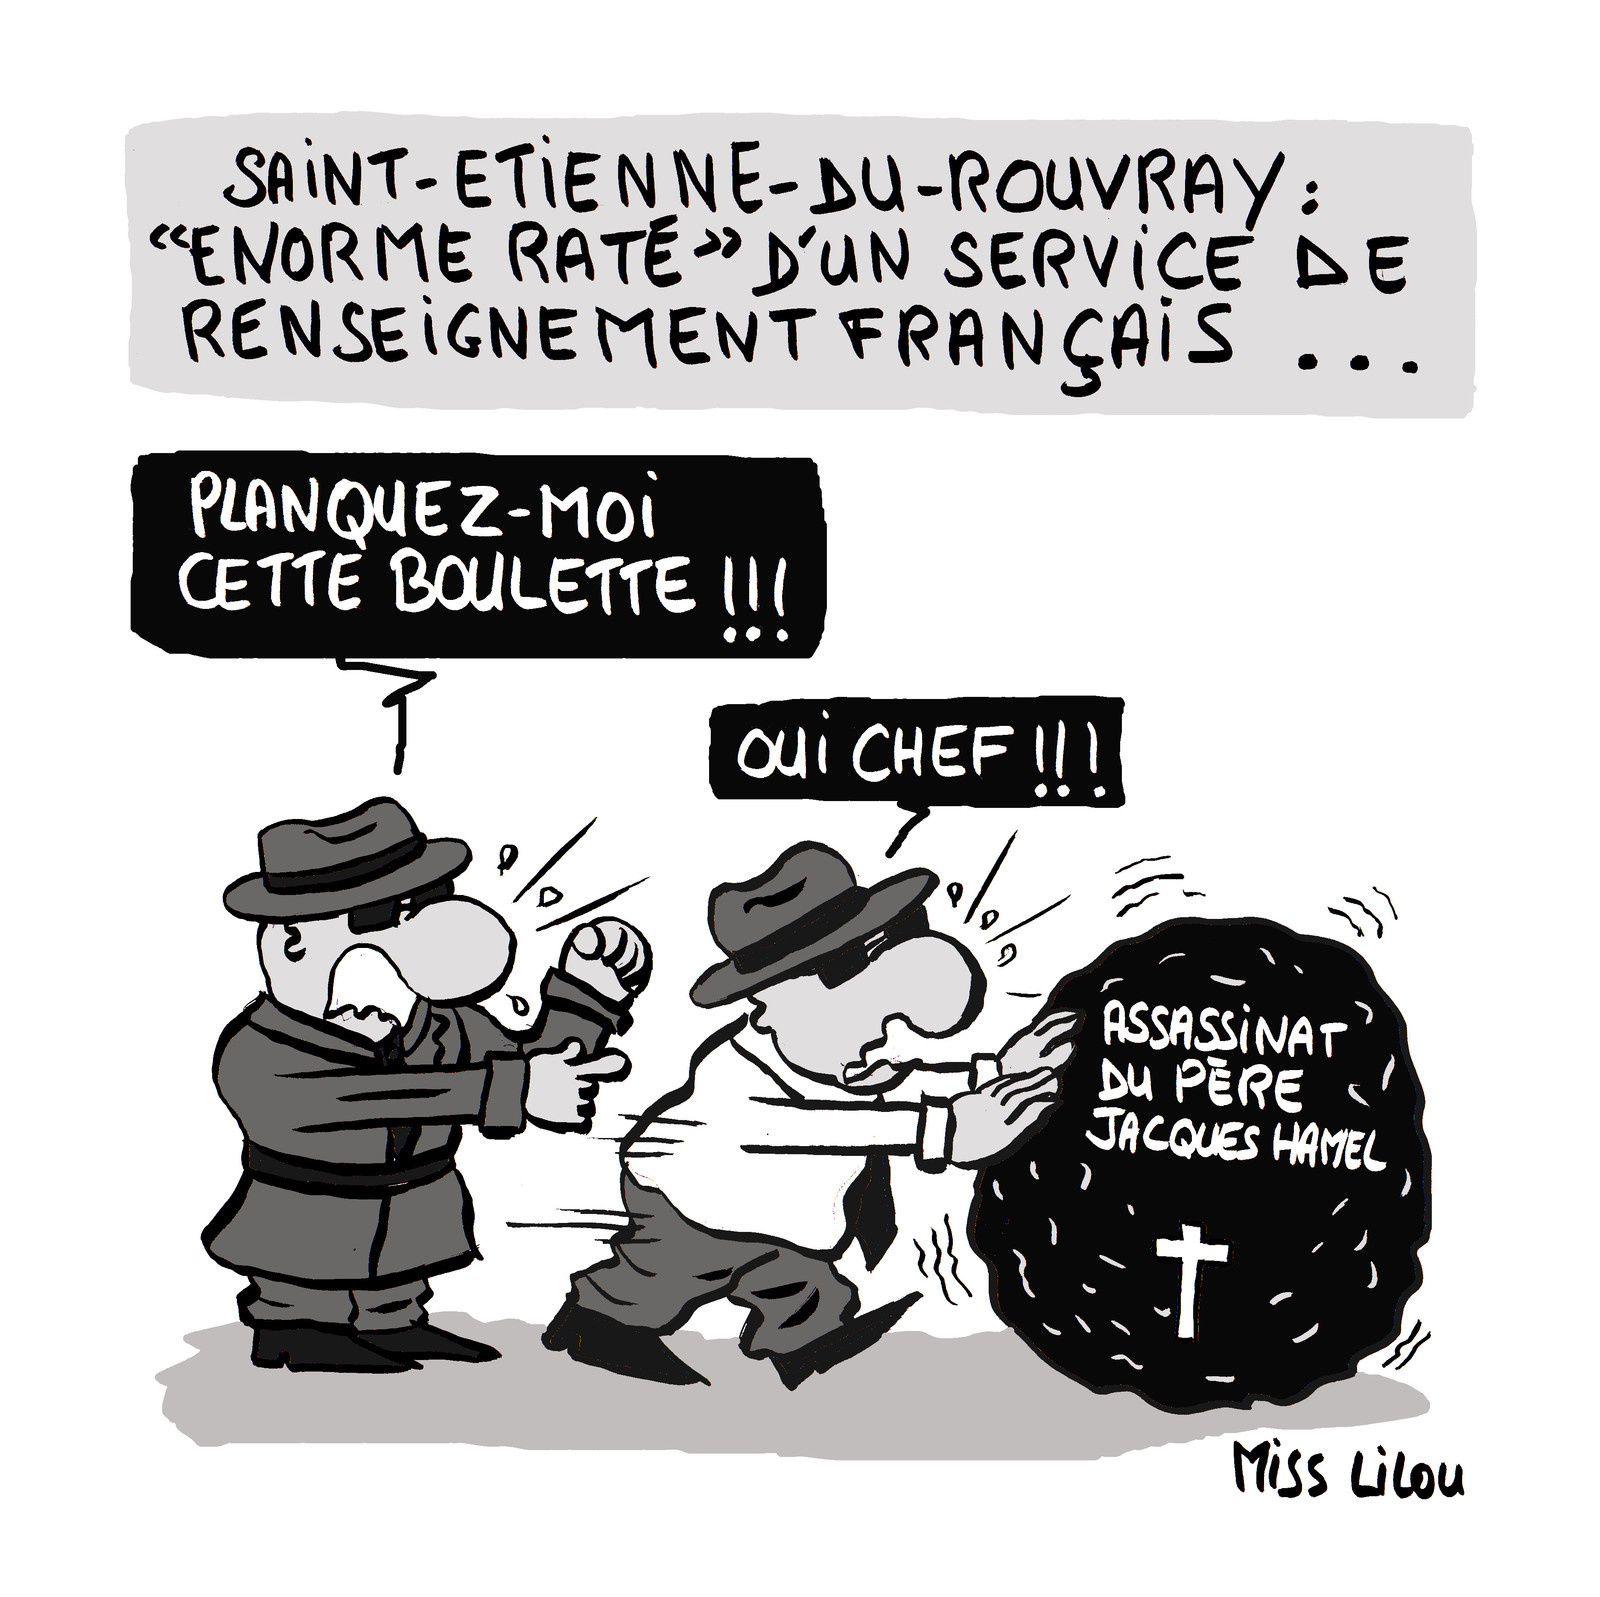 """Saint-Etienne de Rouvray : """"Enorme raté"""" d'un service de Renseignement français..."""